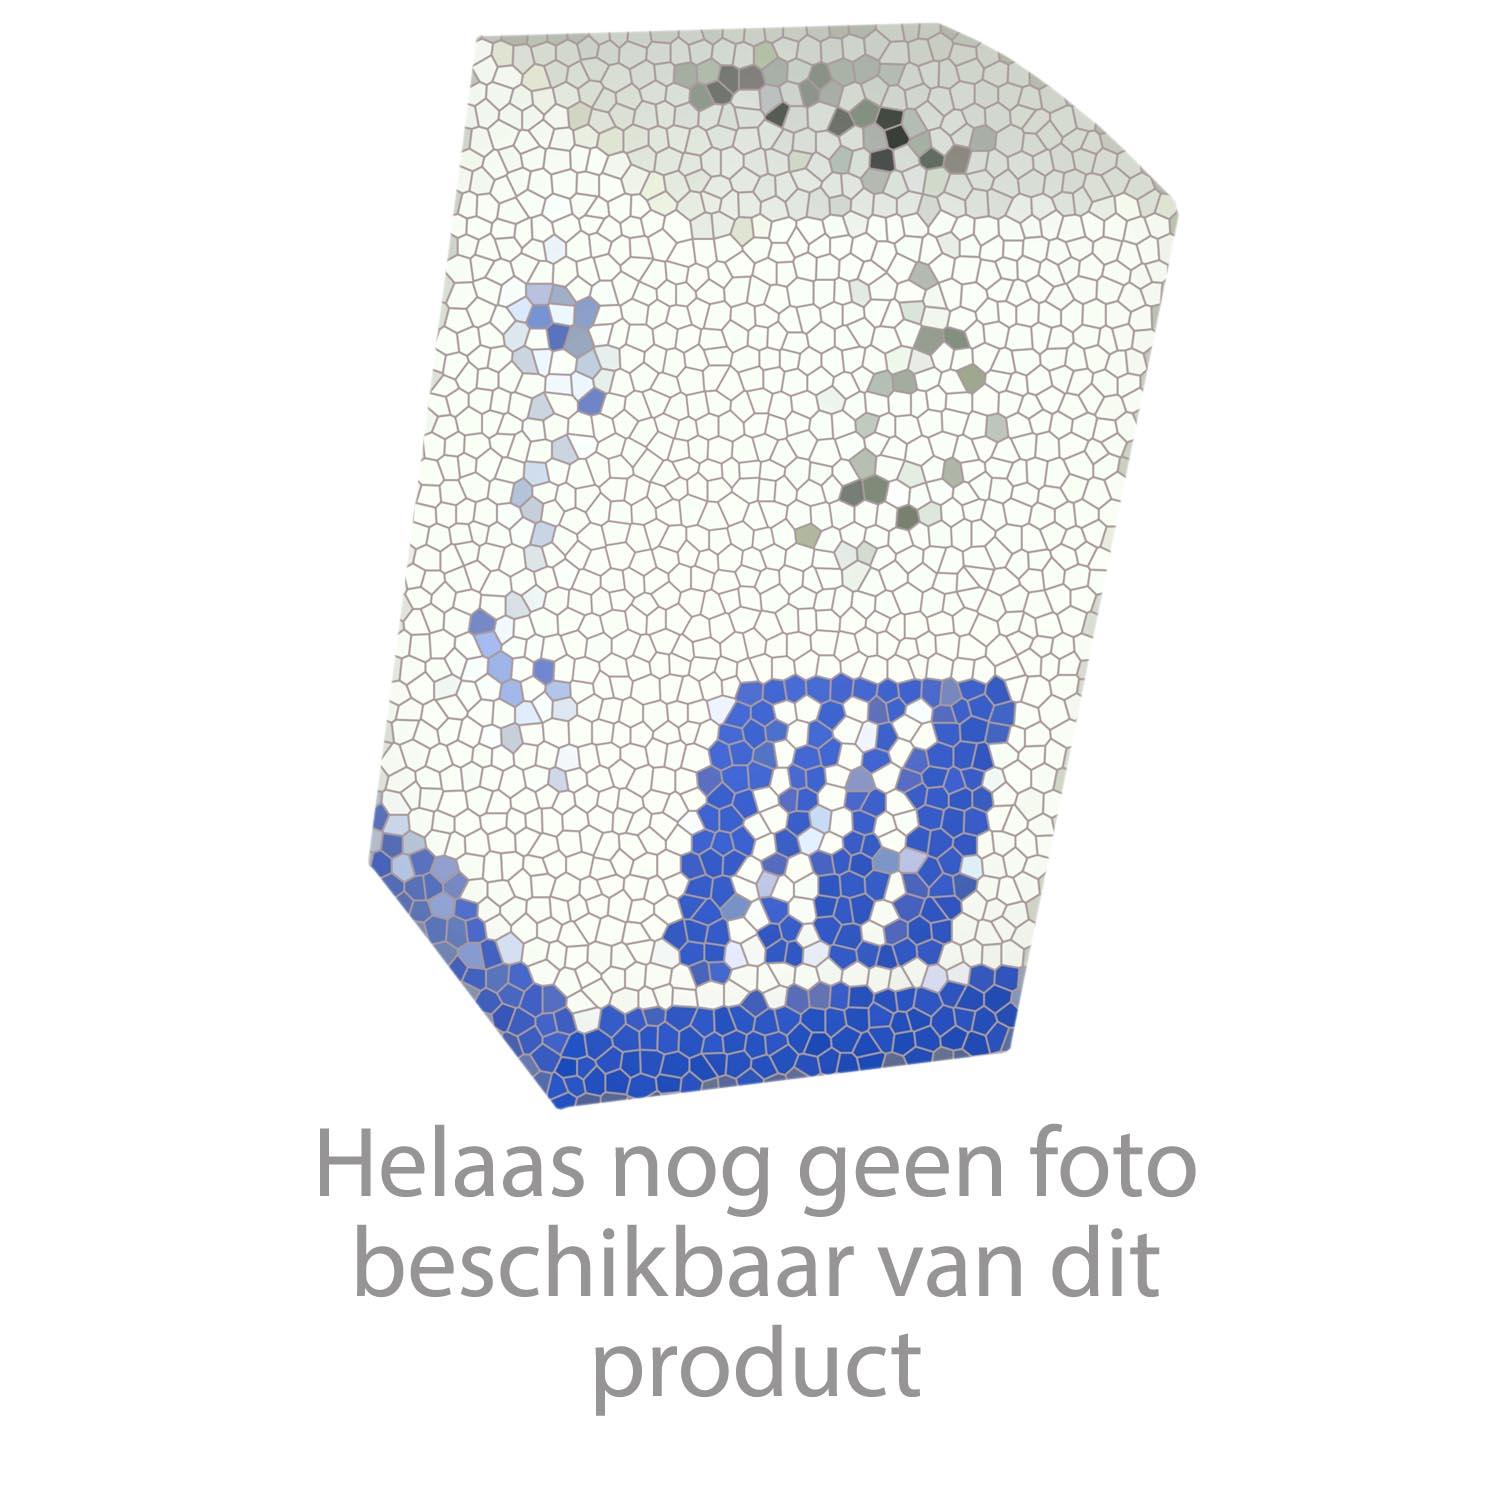 HansGrohe Afvoer- en overloopgarnituren Buissifons productiejaar > 01/77 55237 onderdelen